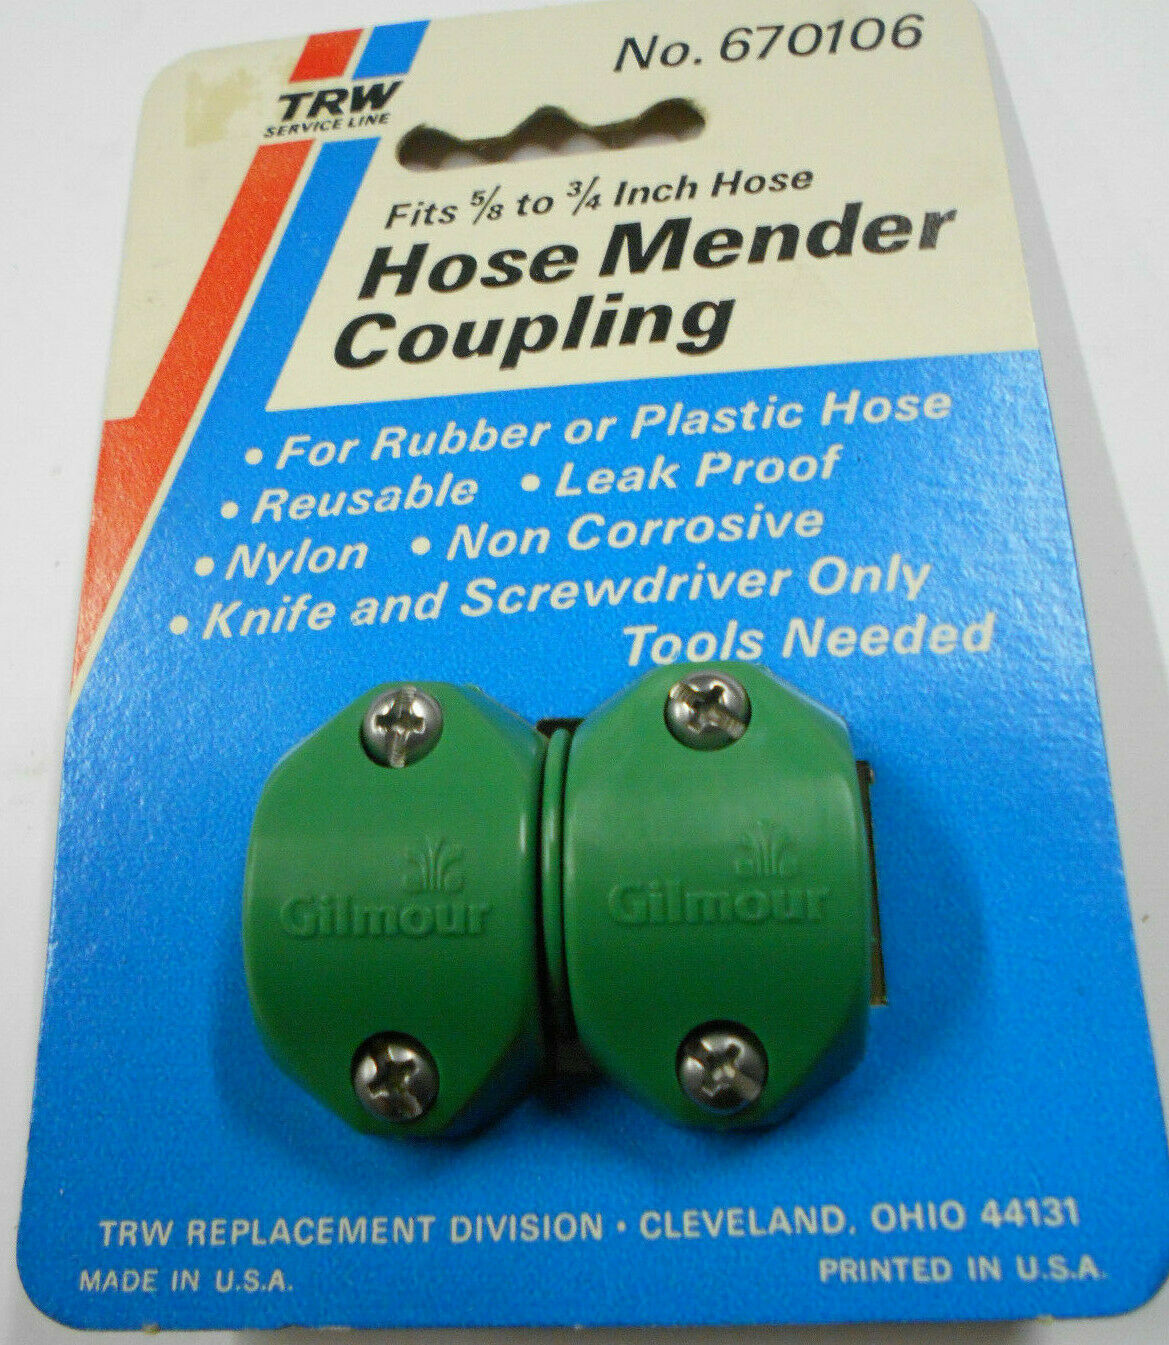 Gilmour Hose Mender Coupling Fits 5/8